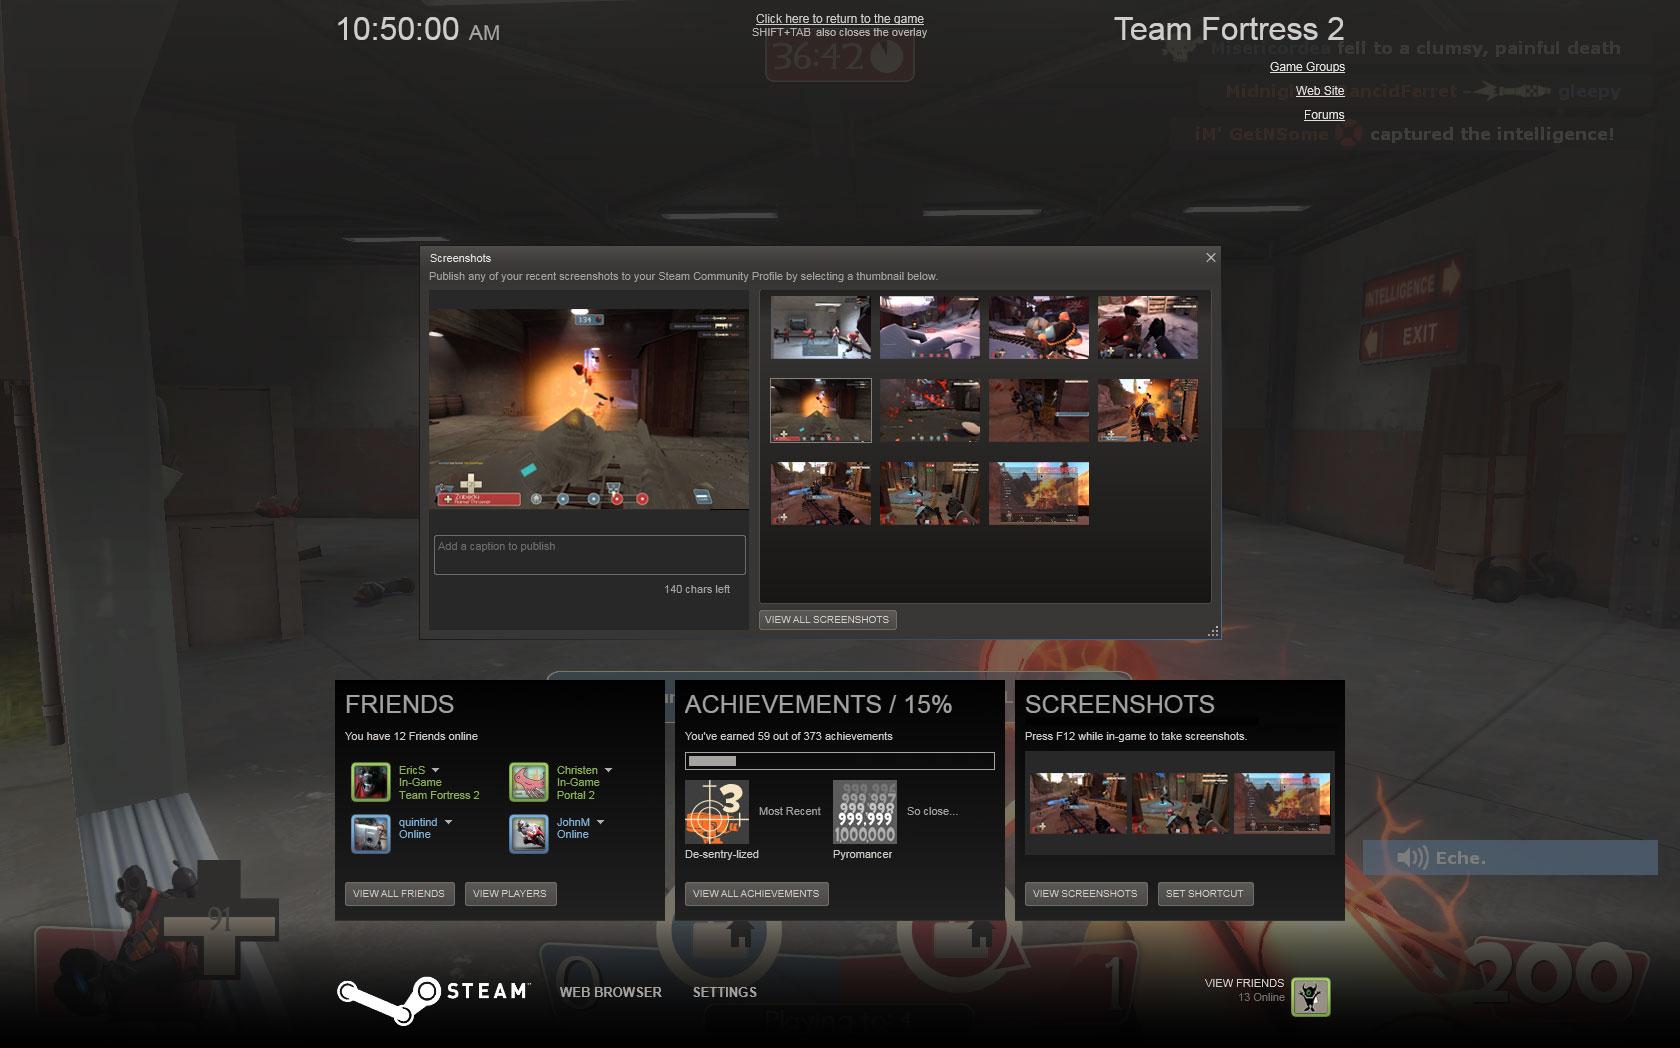 Pelayanan Dalam Platform Steam - Tentang Steam, Platform Hiburan Dalam Dunia Game Yang Luas